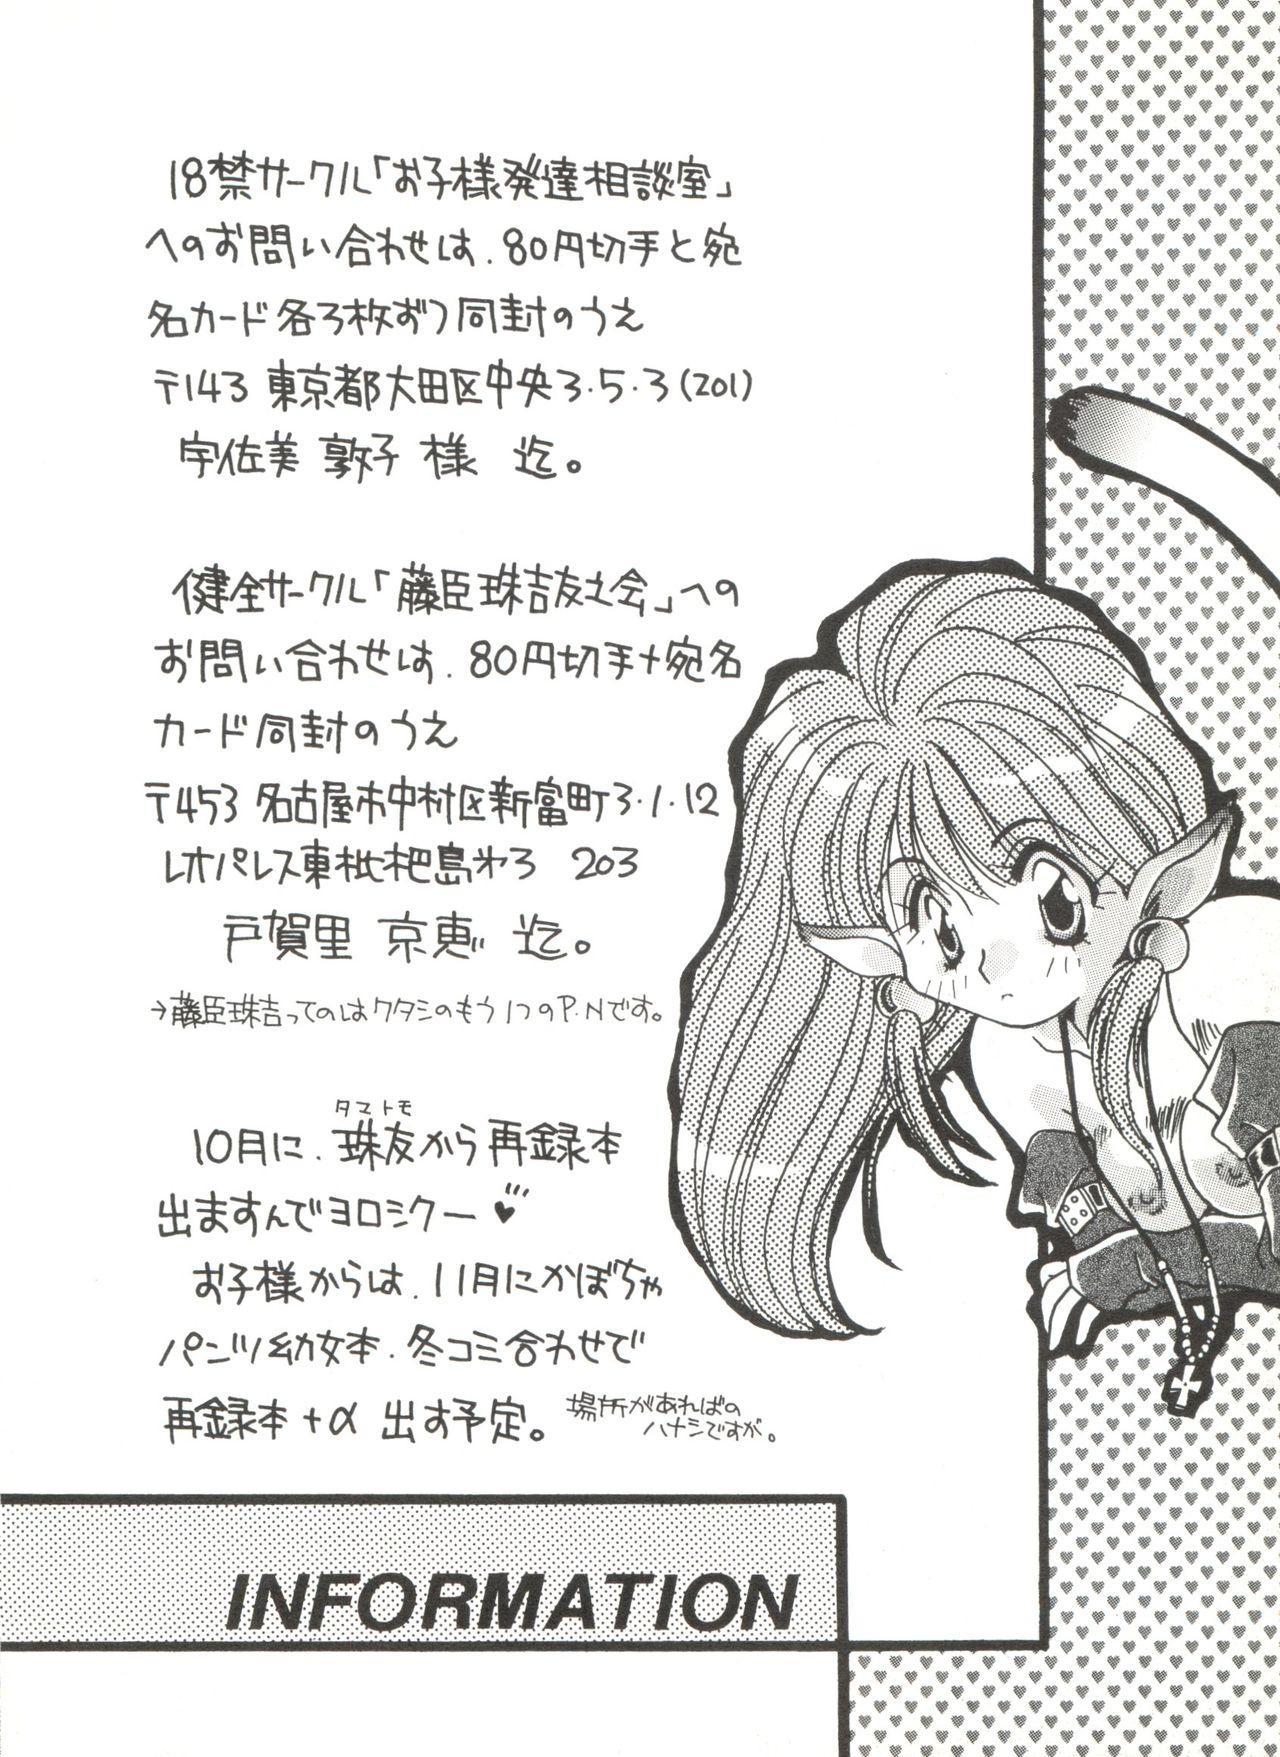 Bishoujo Doujinshi Anthology 6 103